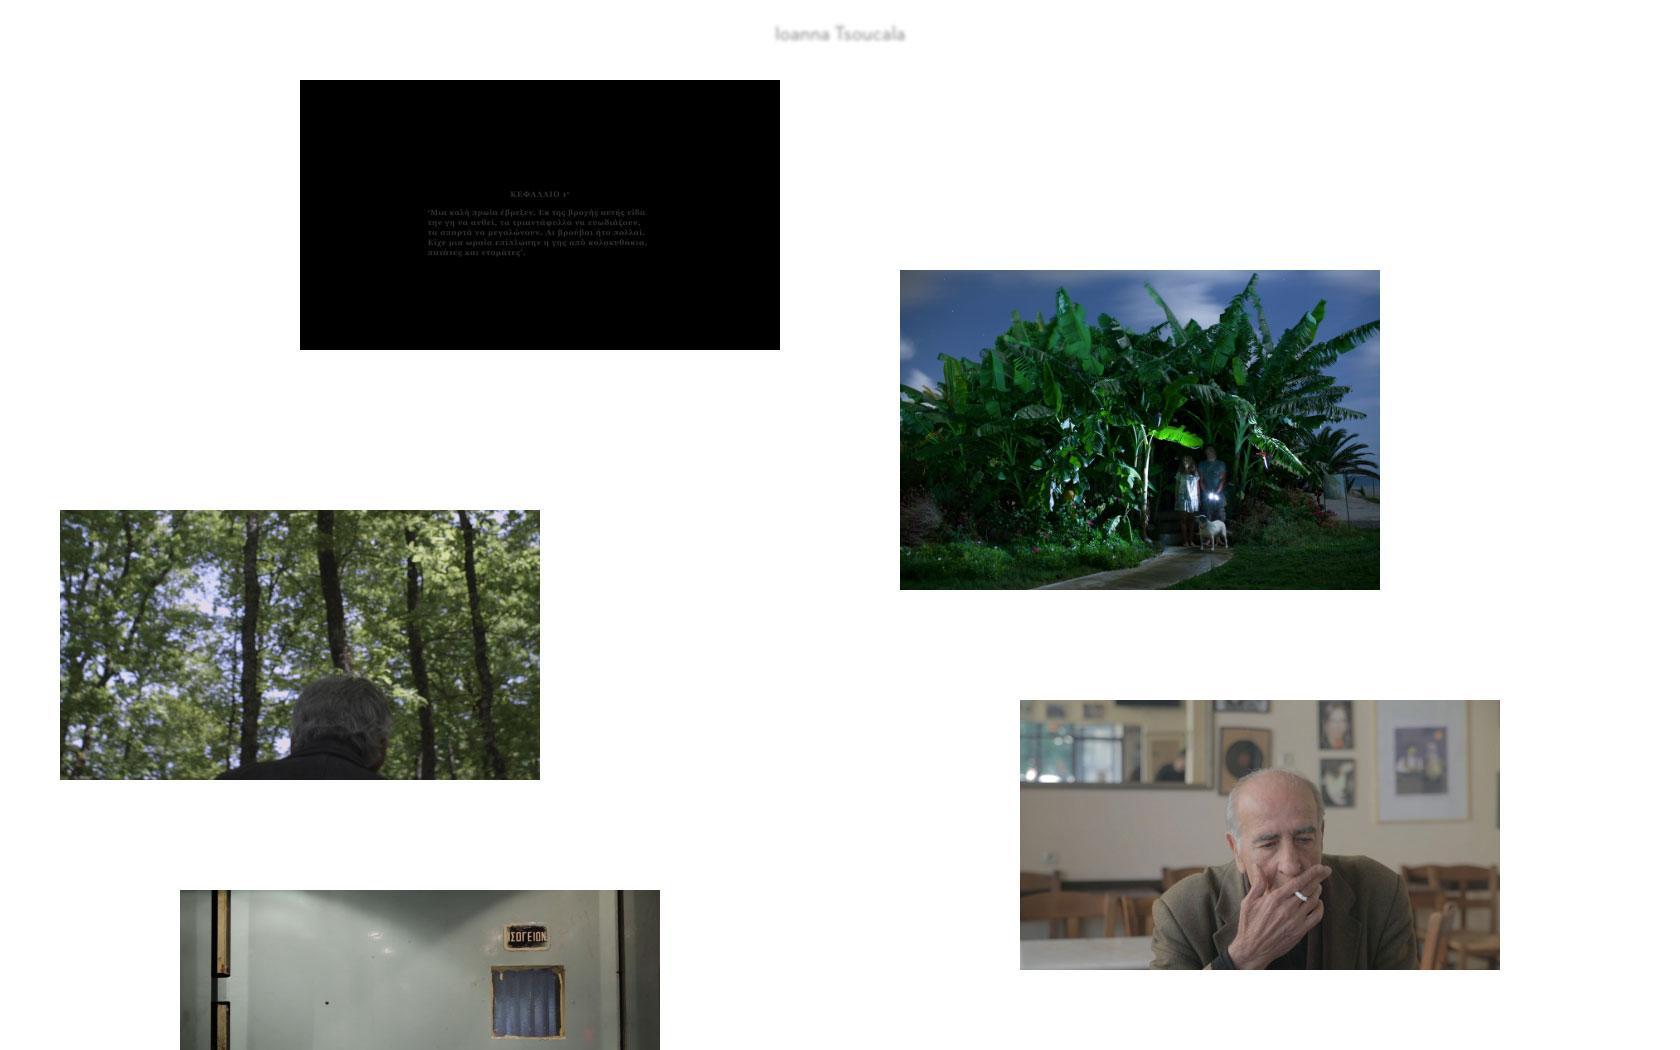 • Ioanna Tsoucala – Website 0